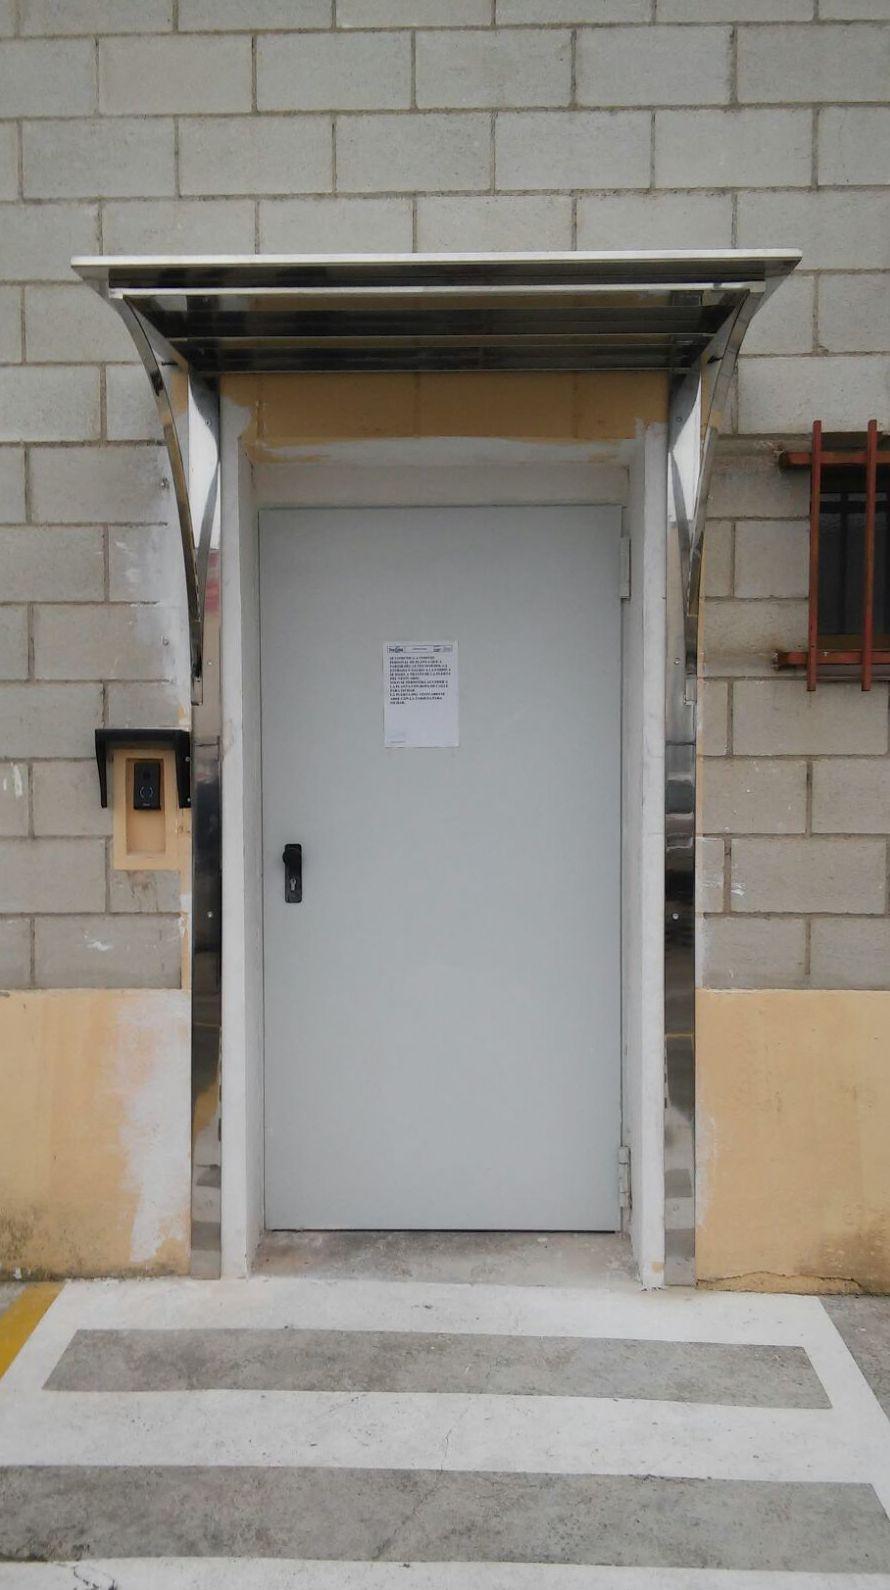 Soldaduras Hernáez |Trabajos de fabricación y reparación de soldadura en La Rioja